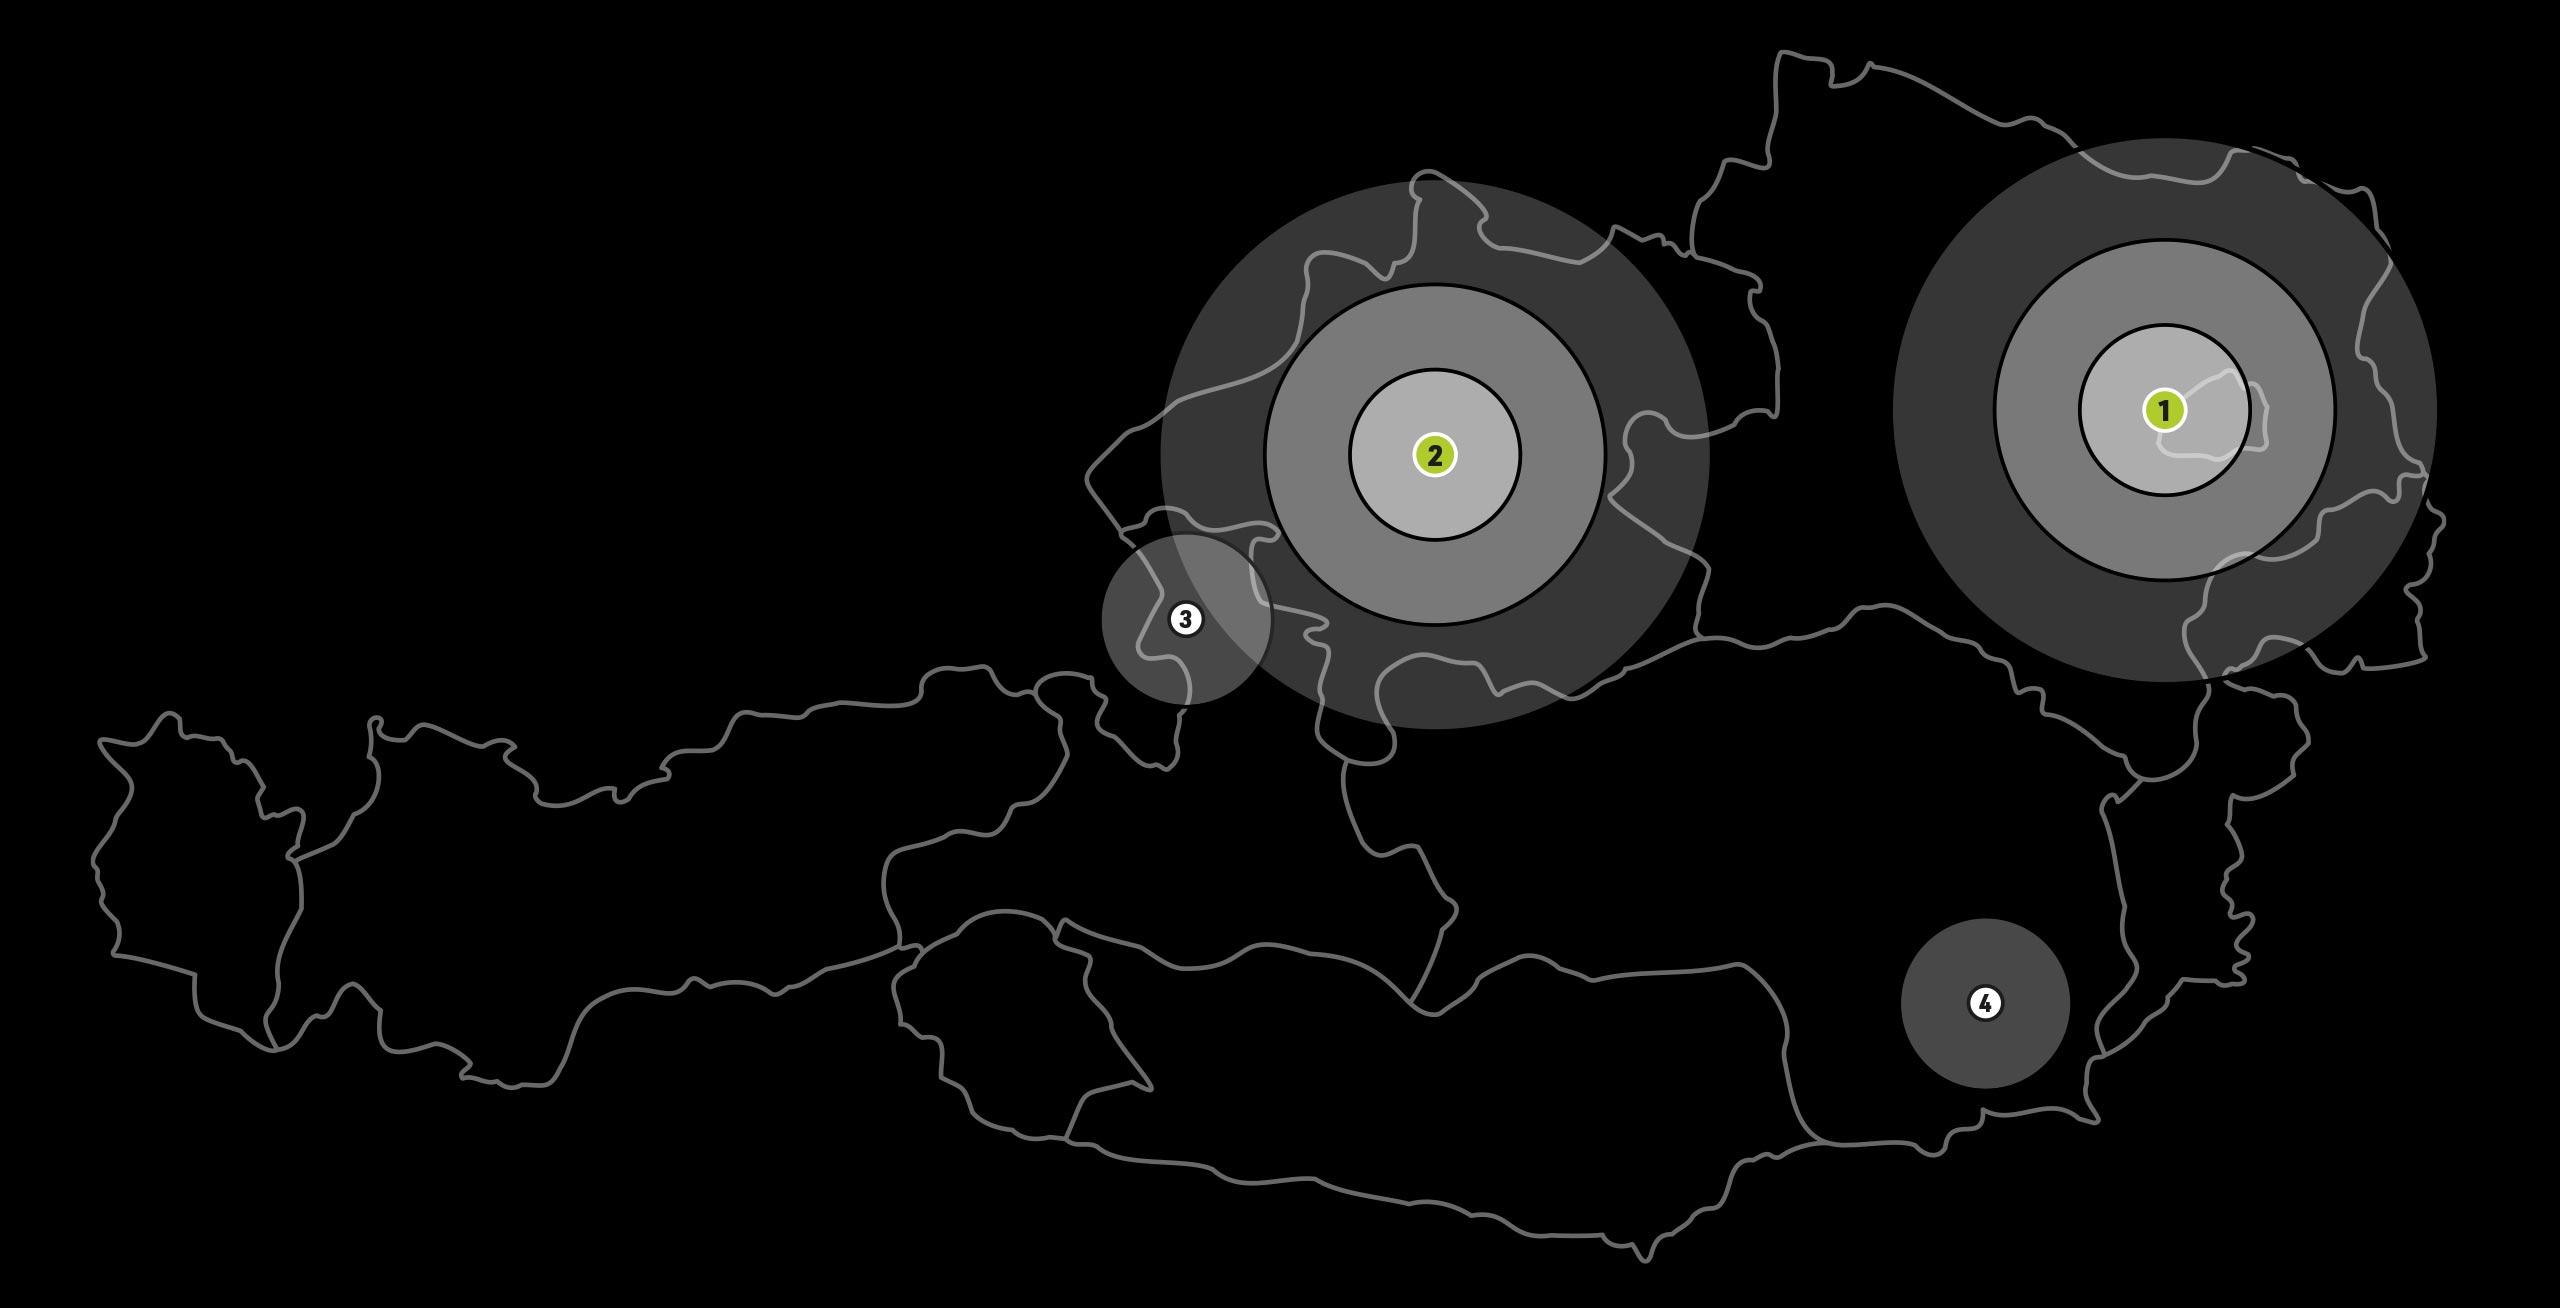 nme_cargo_van_map3